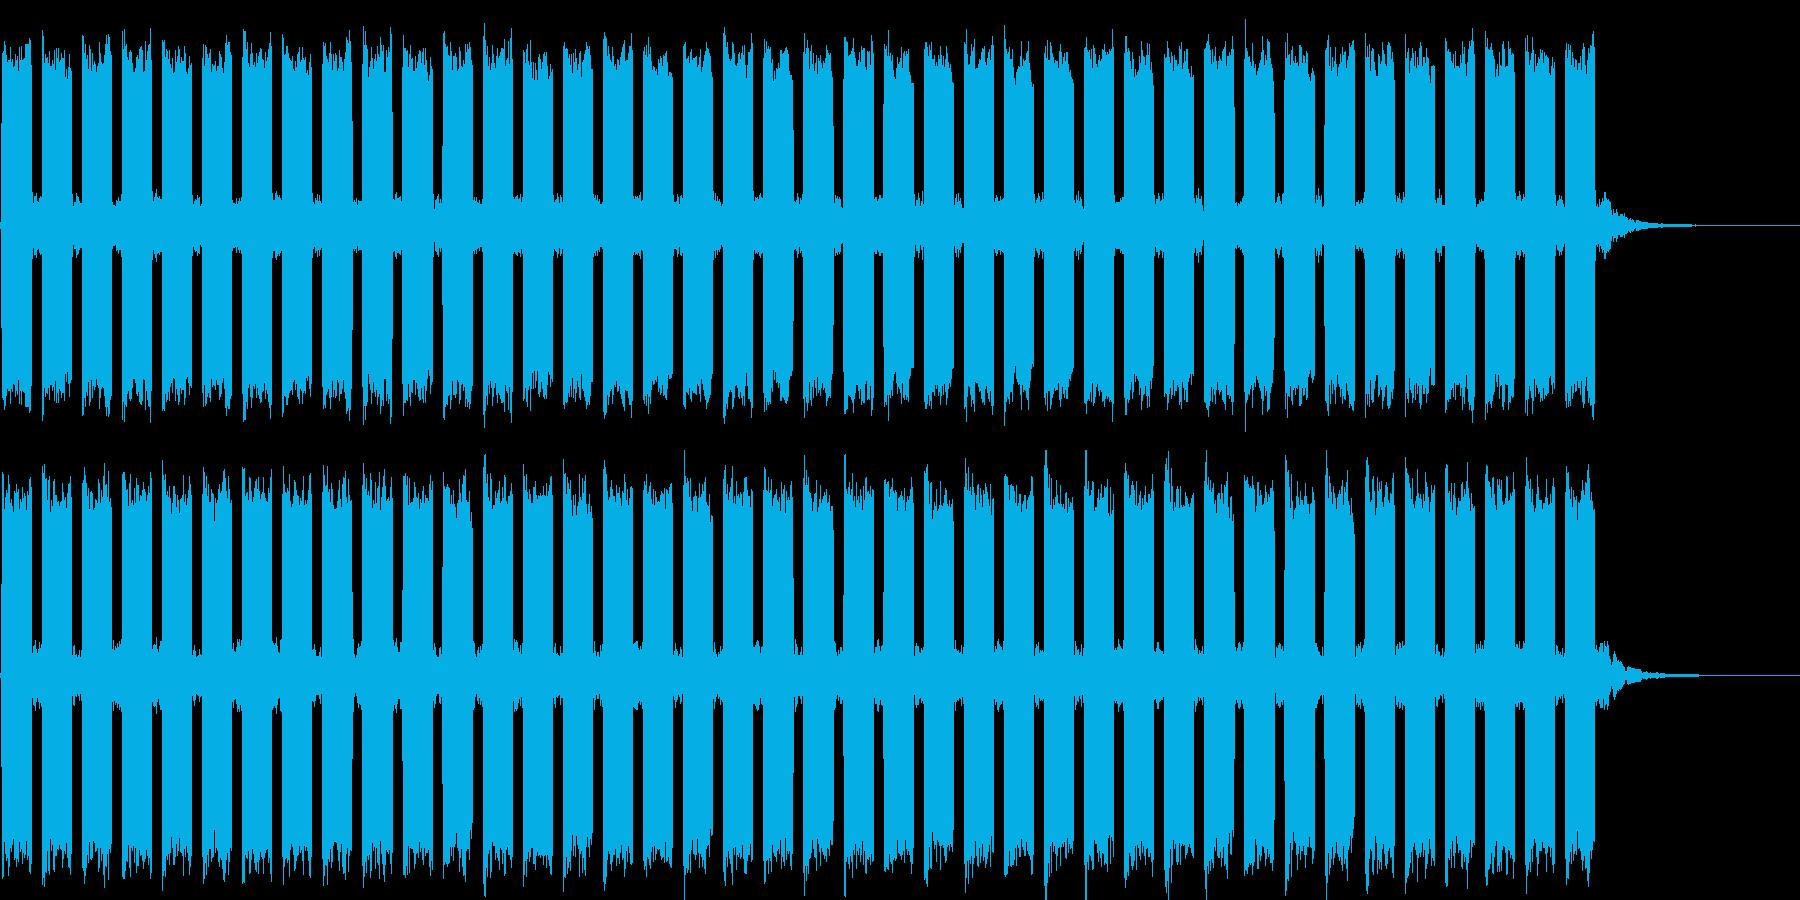 シンプルな警報音の再生済みの波形